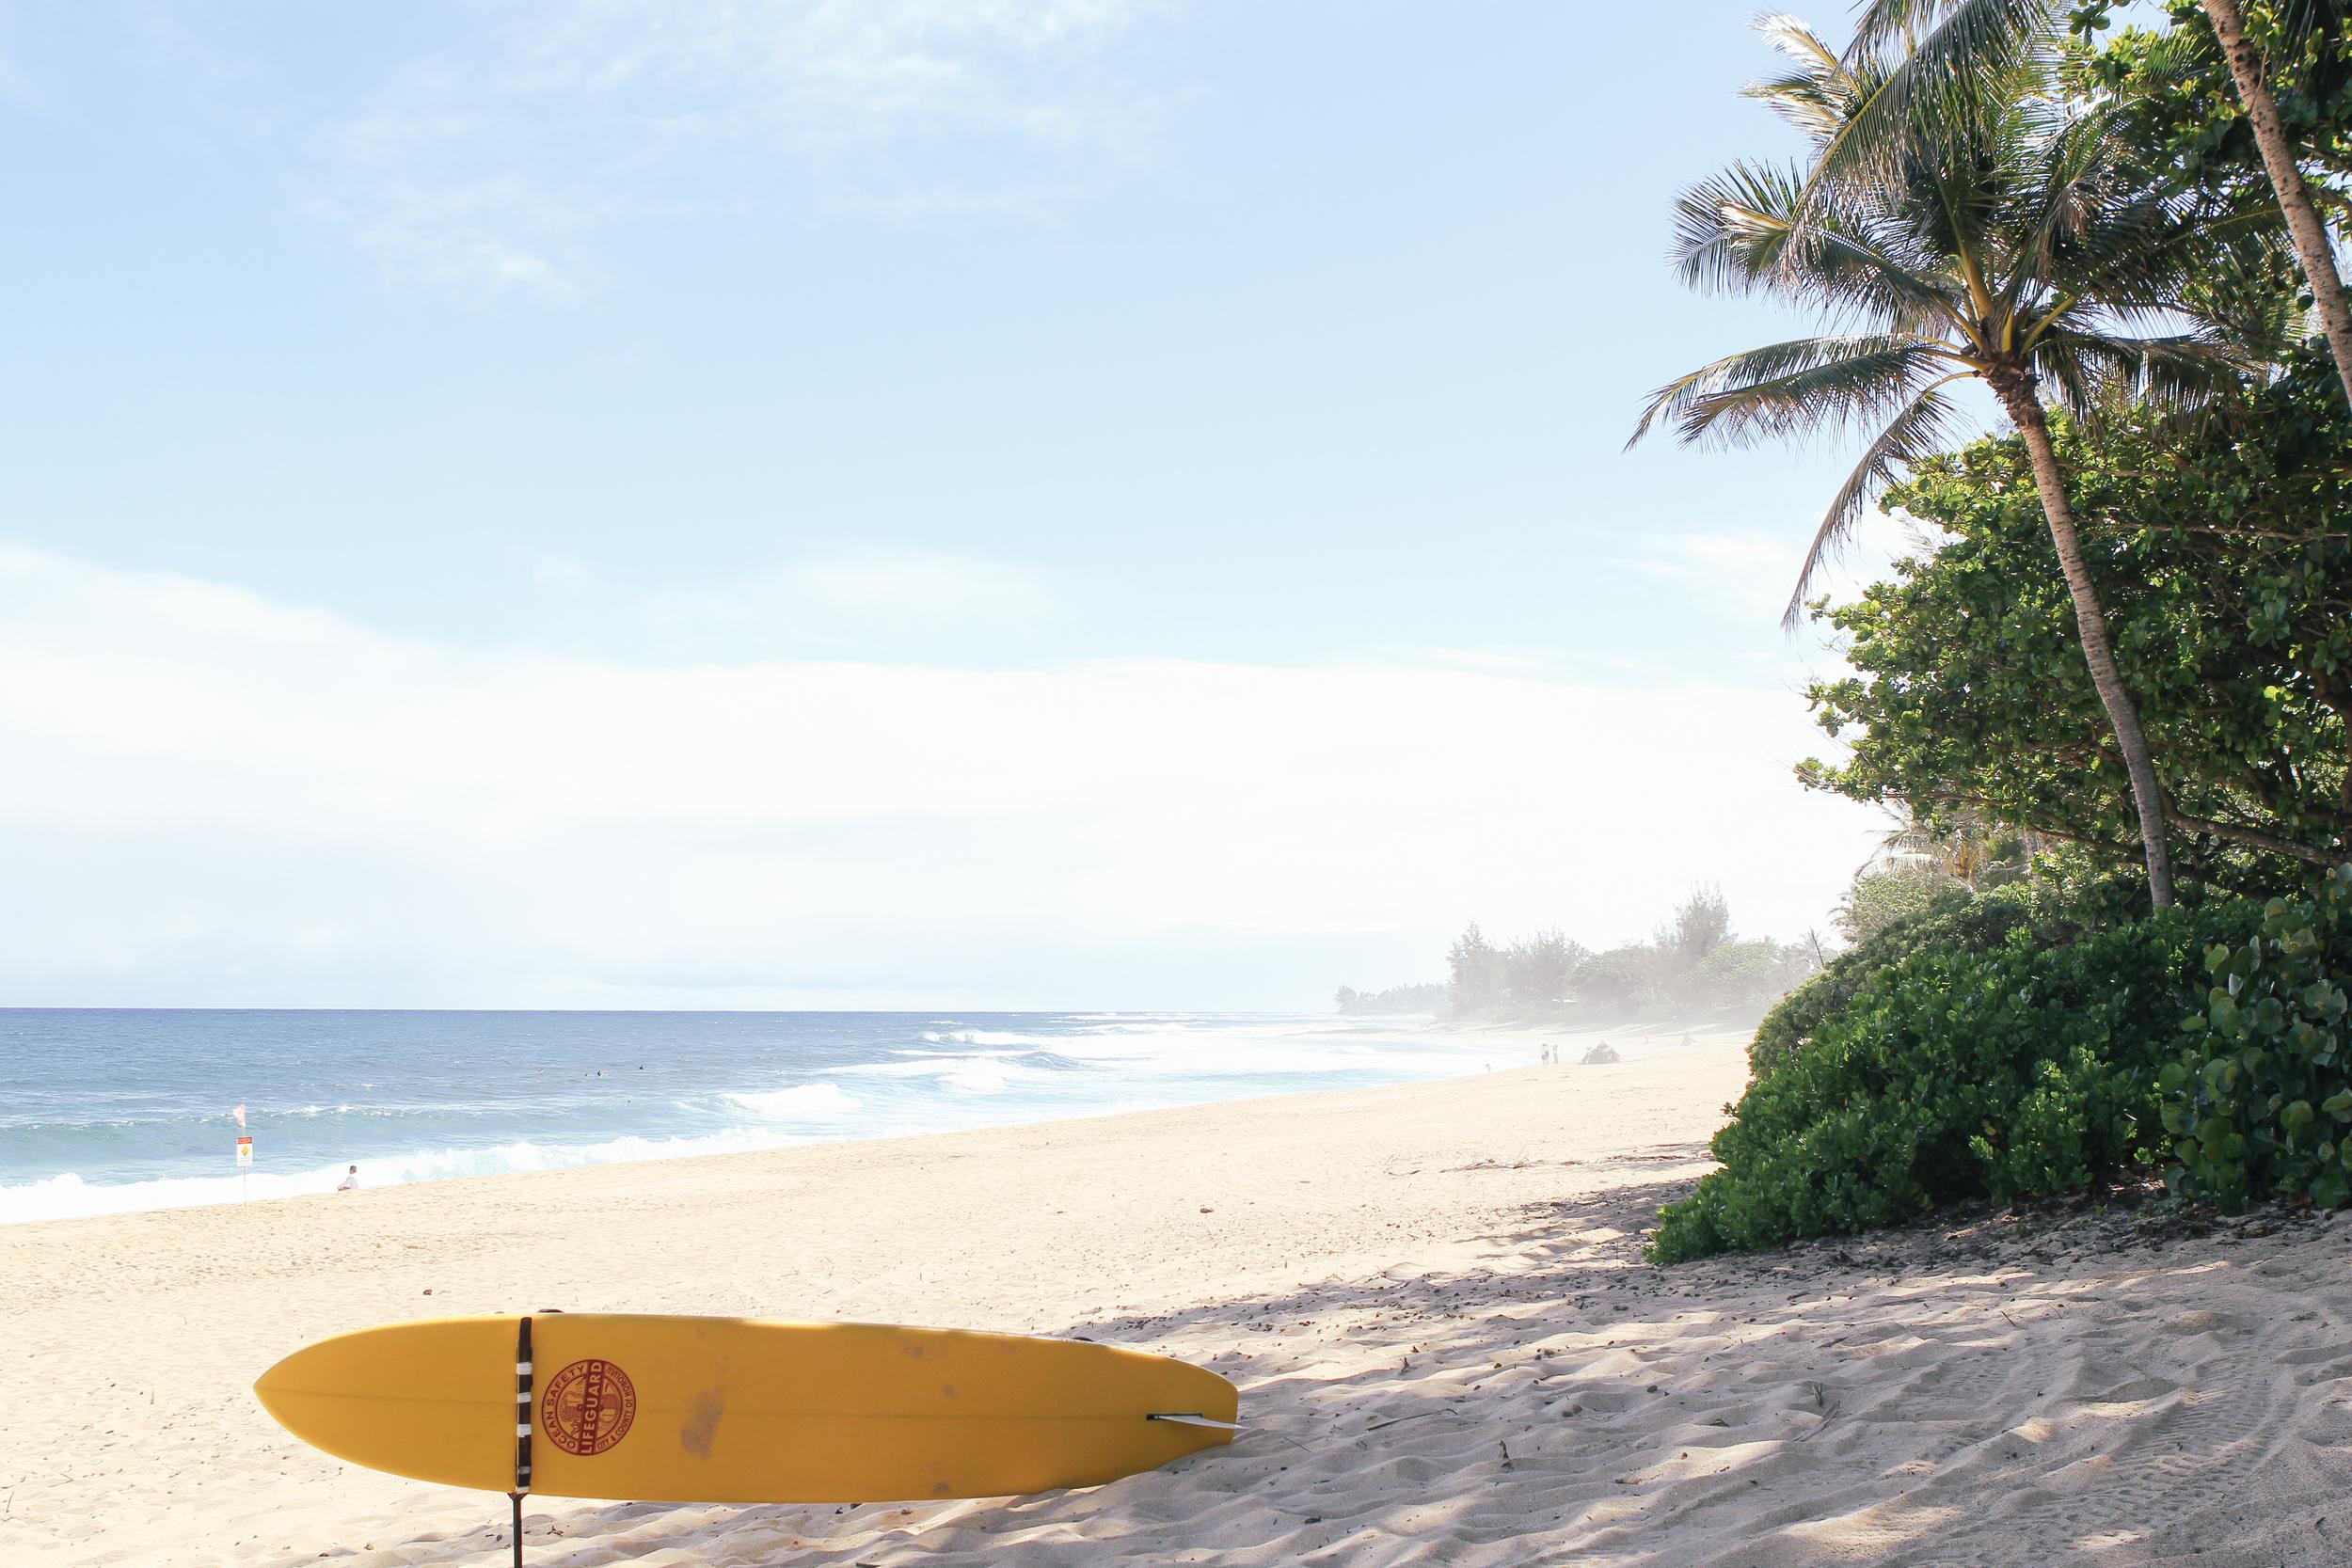 hawaii beach : waiting for saturday : surfboard